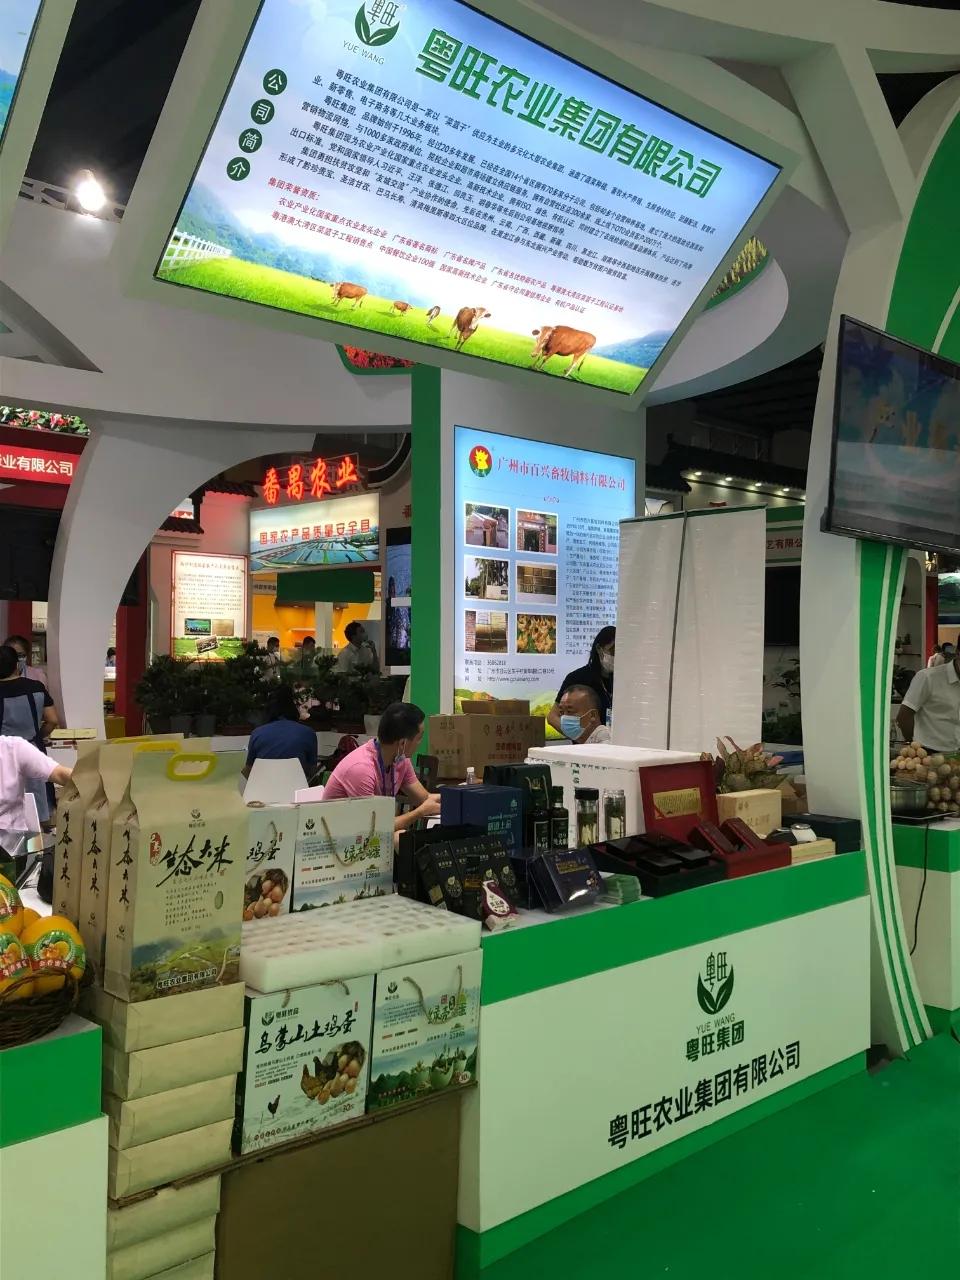 粤旺集团亮相第28届农博会,扶贫基地特色农产品受追捧